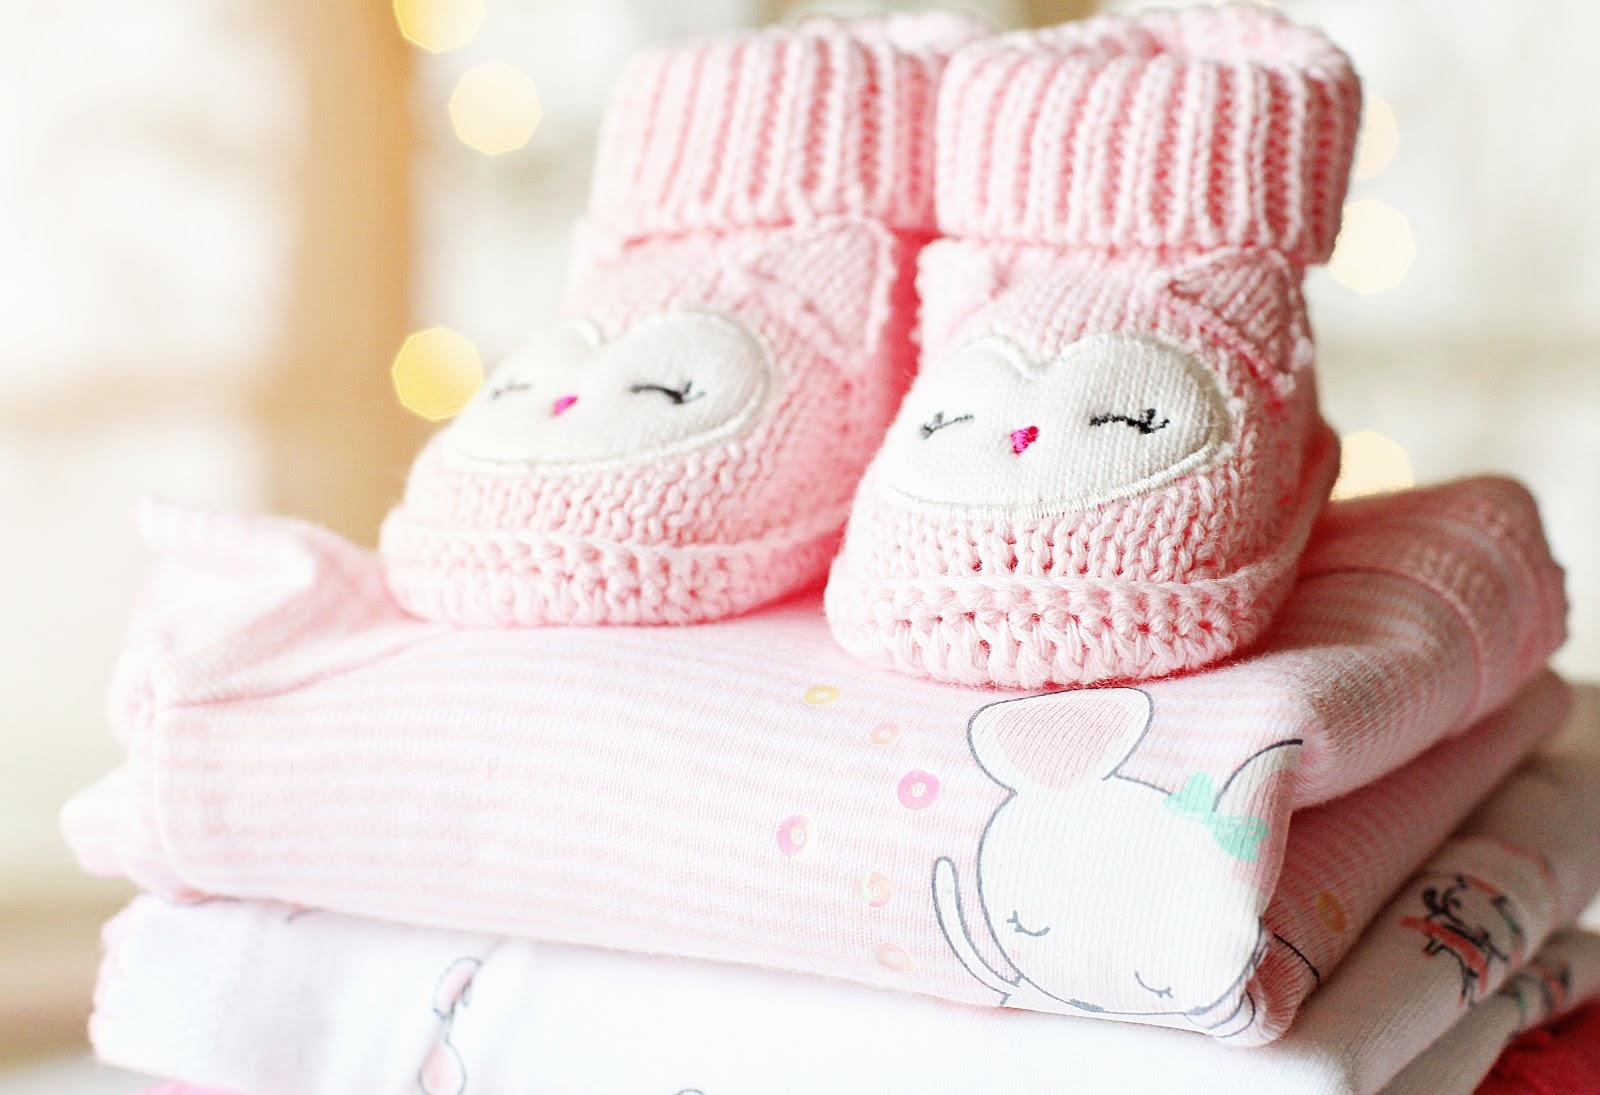 Babyuitzet | Welke kleren koop je voor een baby?